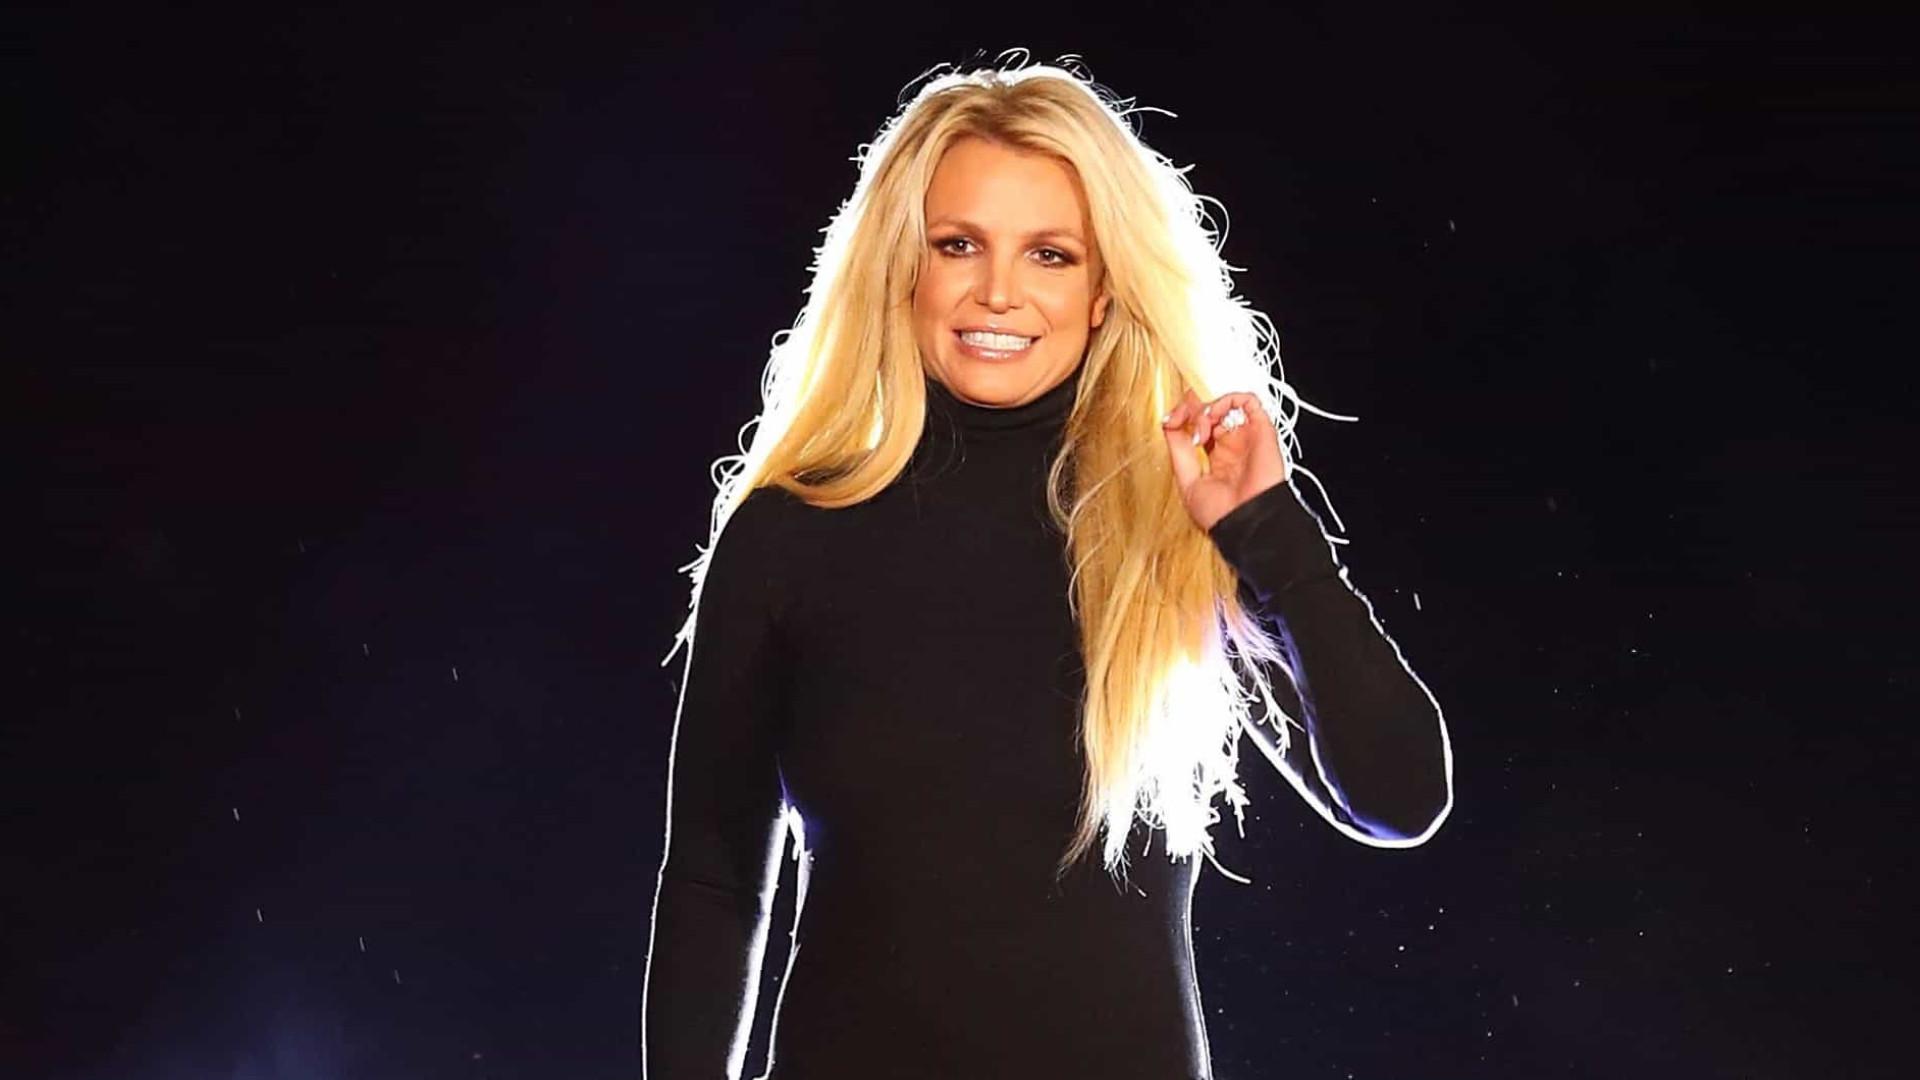 Patrimônio de Britney Spears é mais baixo que o de outras estrelas do pop